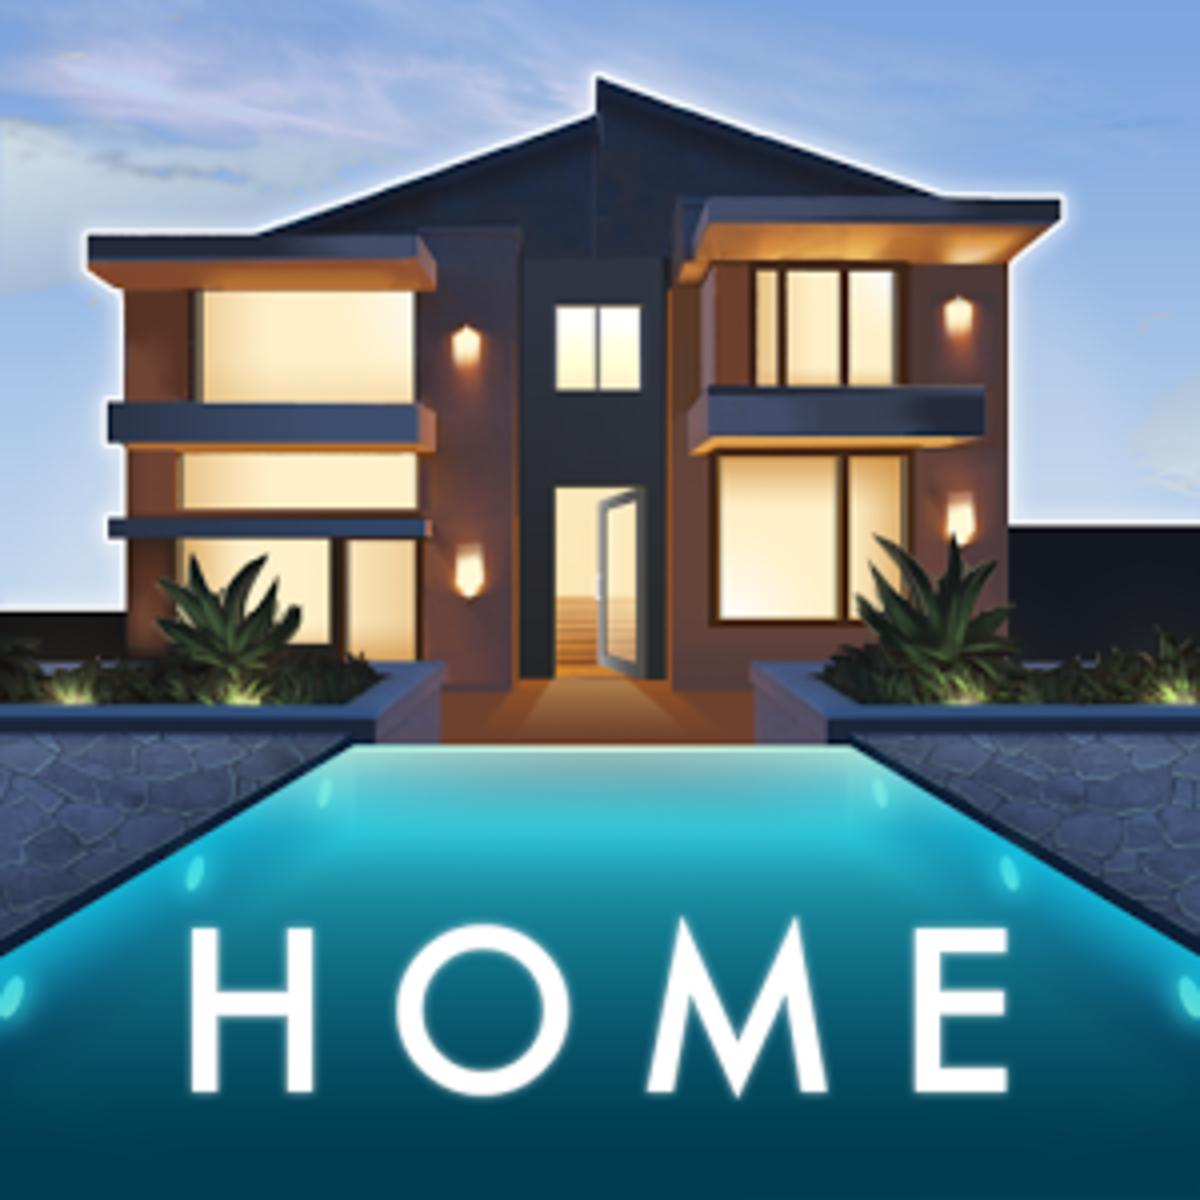 Design Home Beginner's Guide